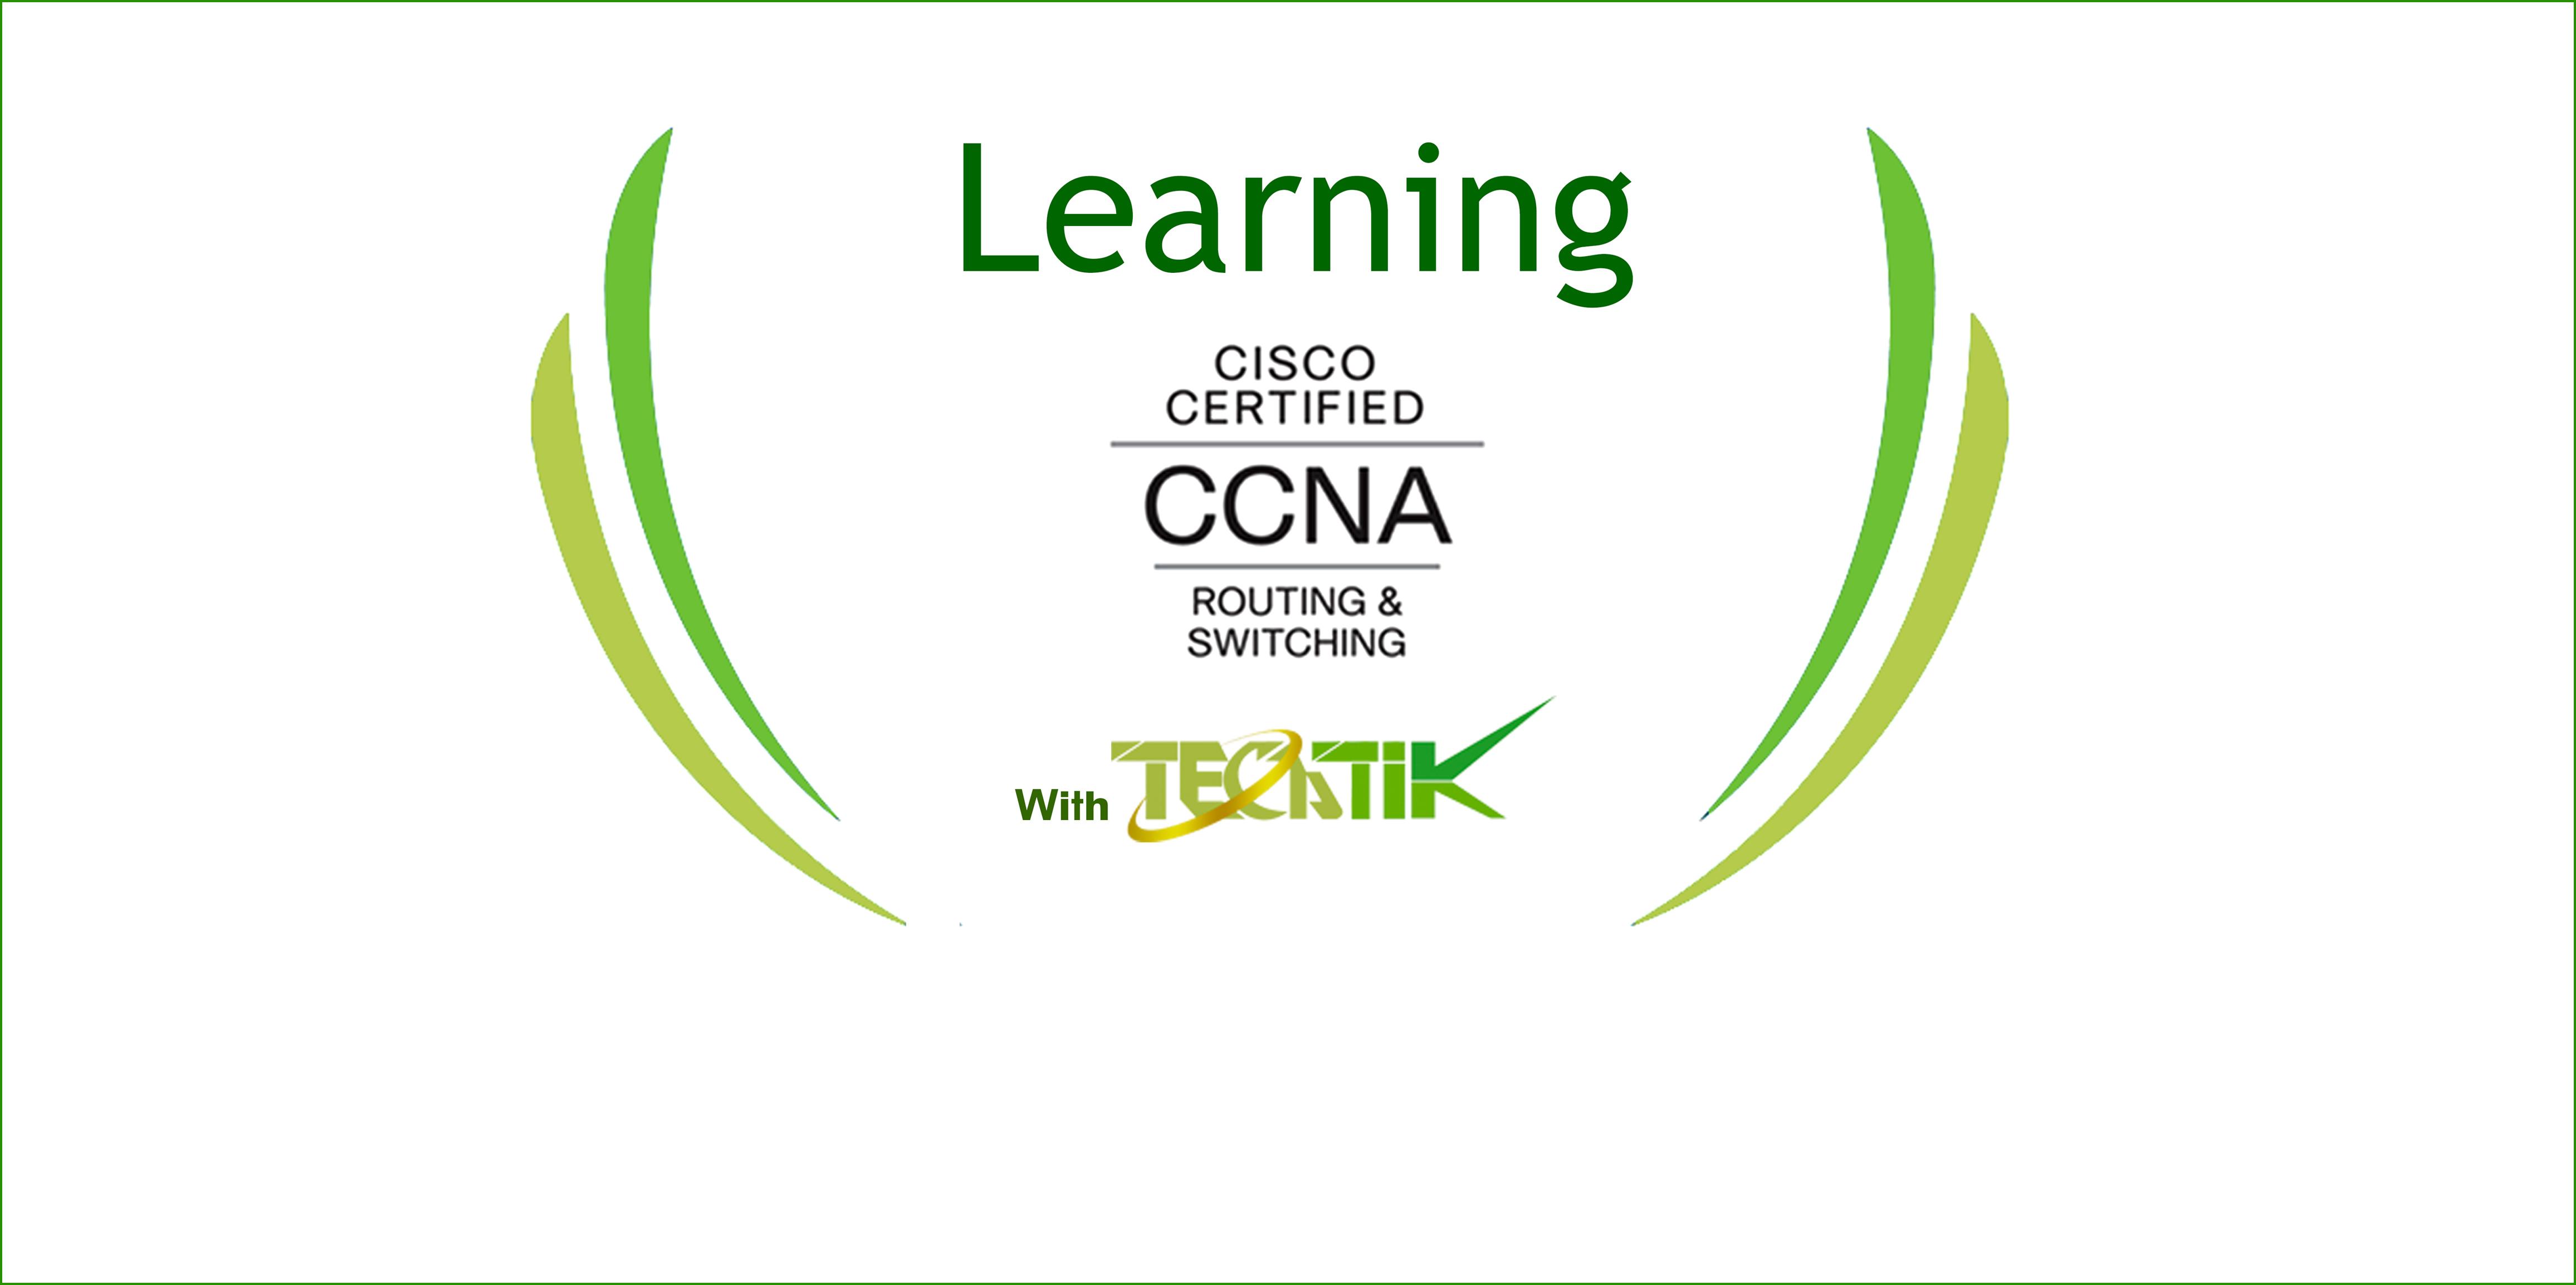 تصویر از آموزش کاربردی شبکه های Lan تا سطح CCNA منحصرا (Routing&Switching)-قسمت چهارم